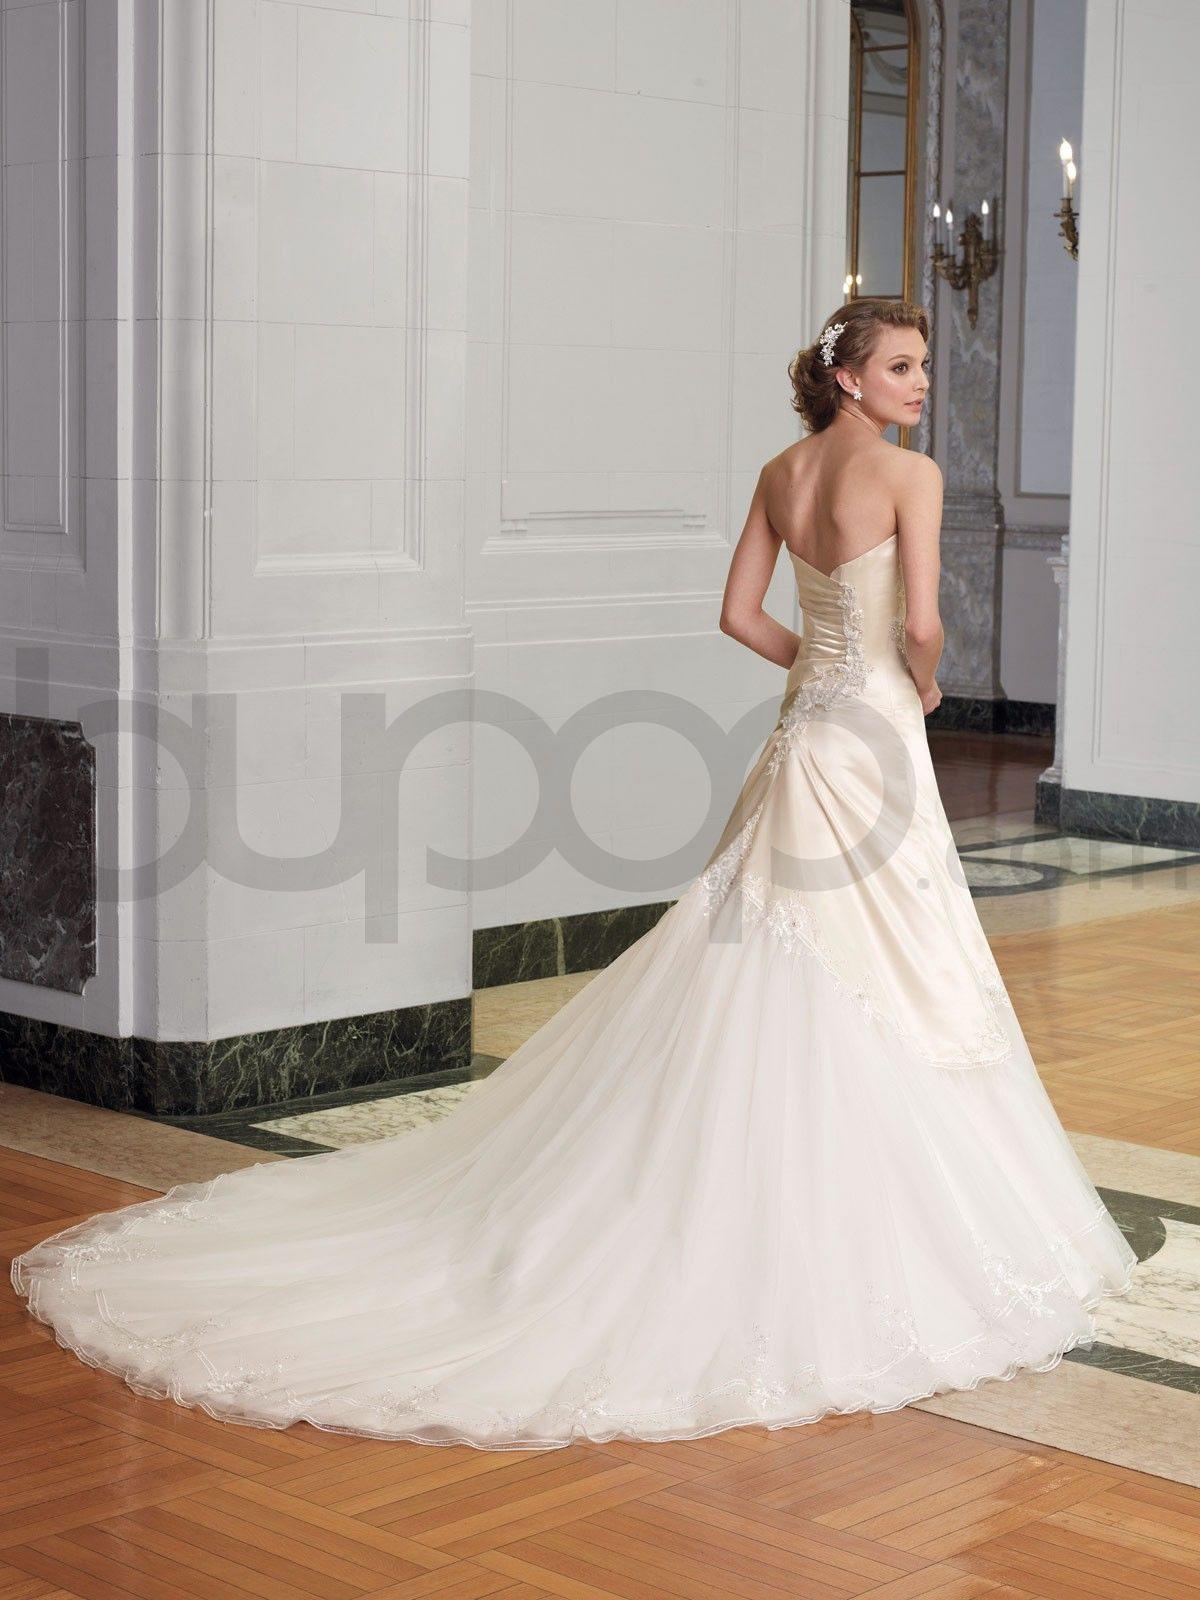 Wedding Dresses Albany Ny 1 Design Ideas